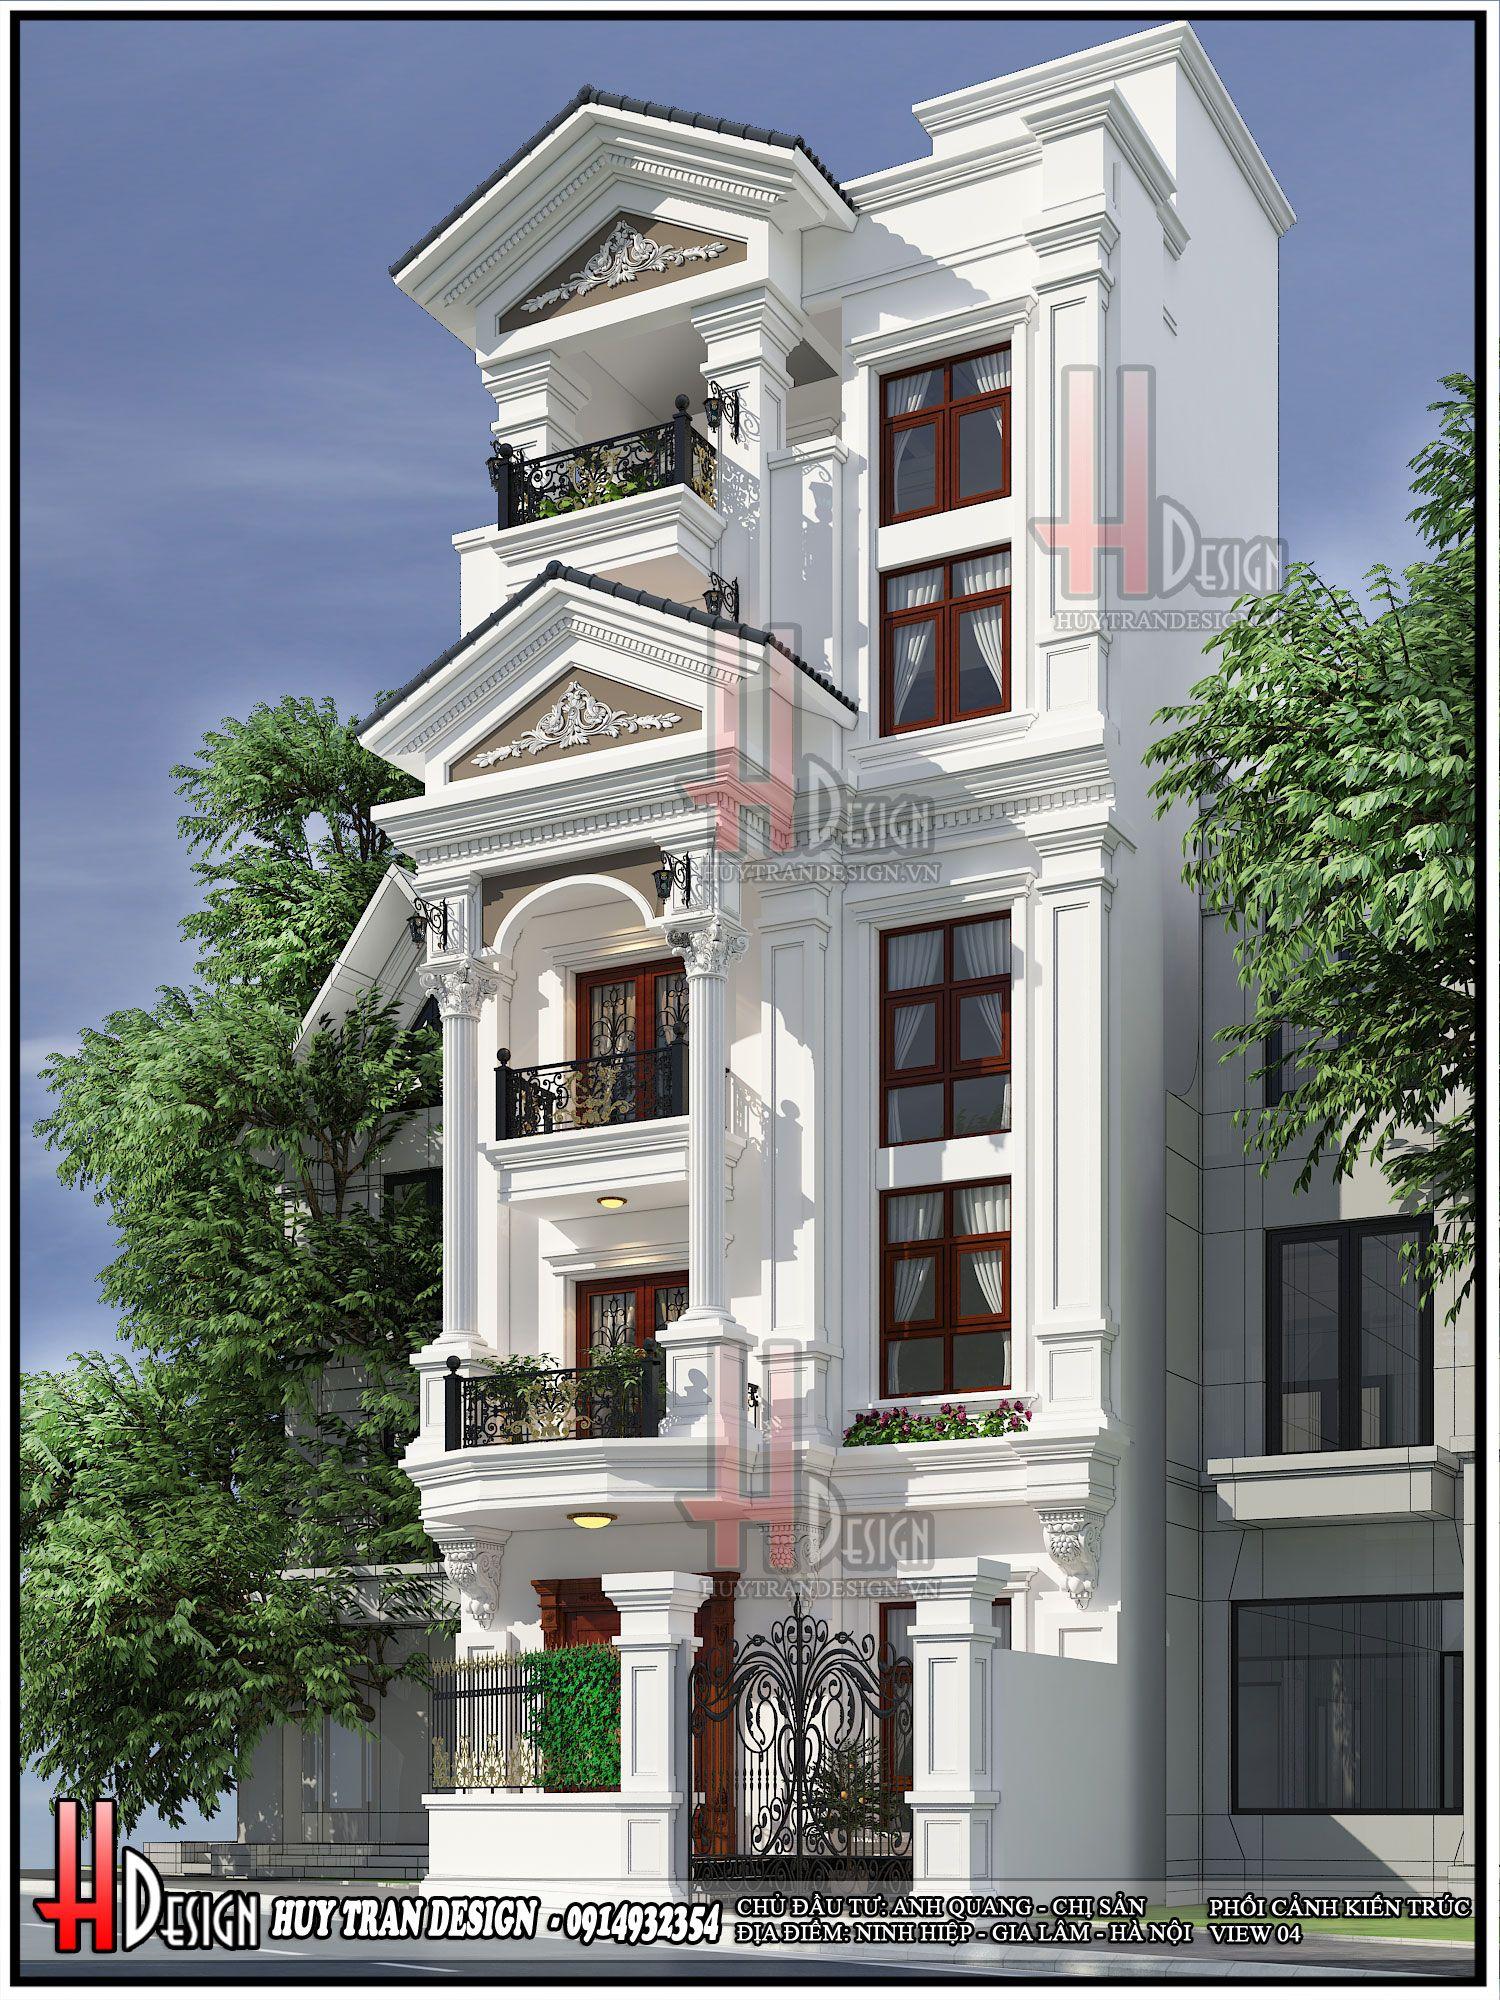 Mẫu thiết kế nhà phố tân cổ điển - Chị Sản Anh Quang